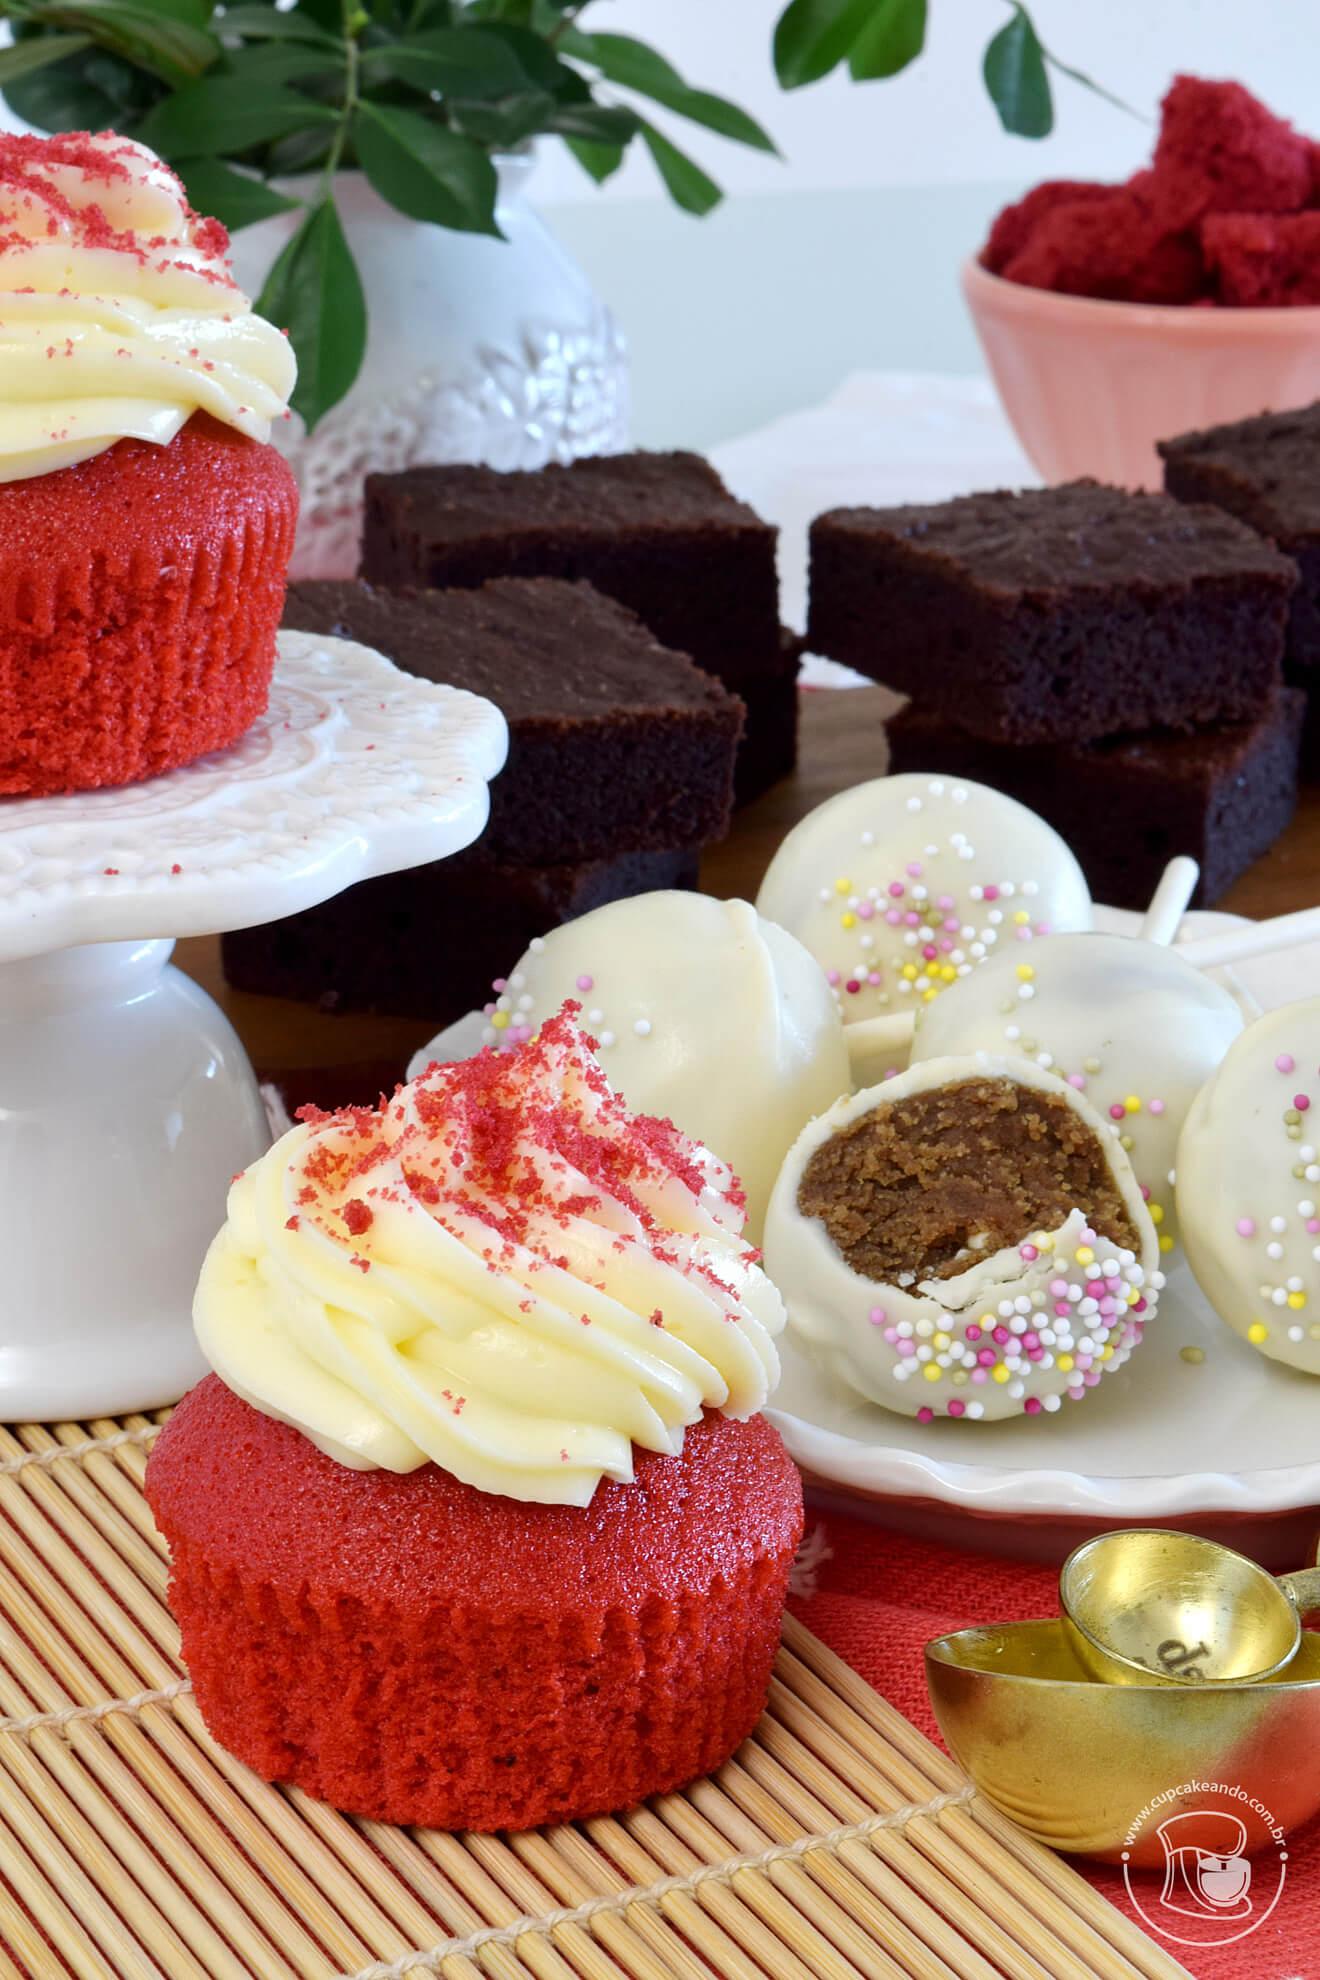 Restos de bolos e cupcakes podem virar receitas novas